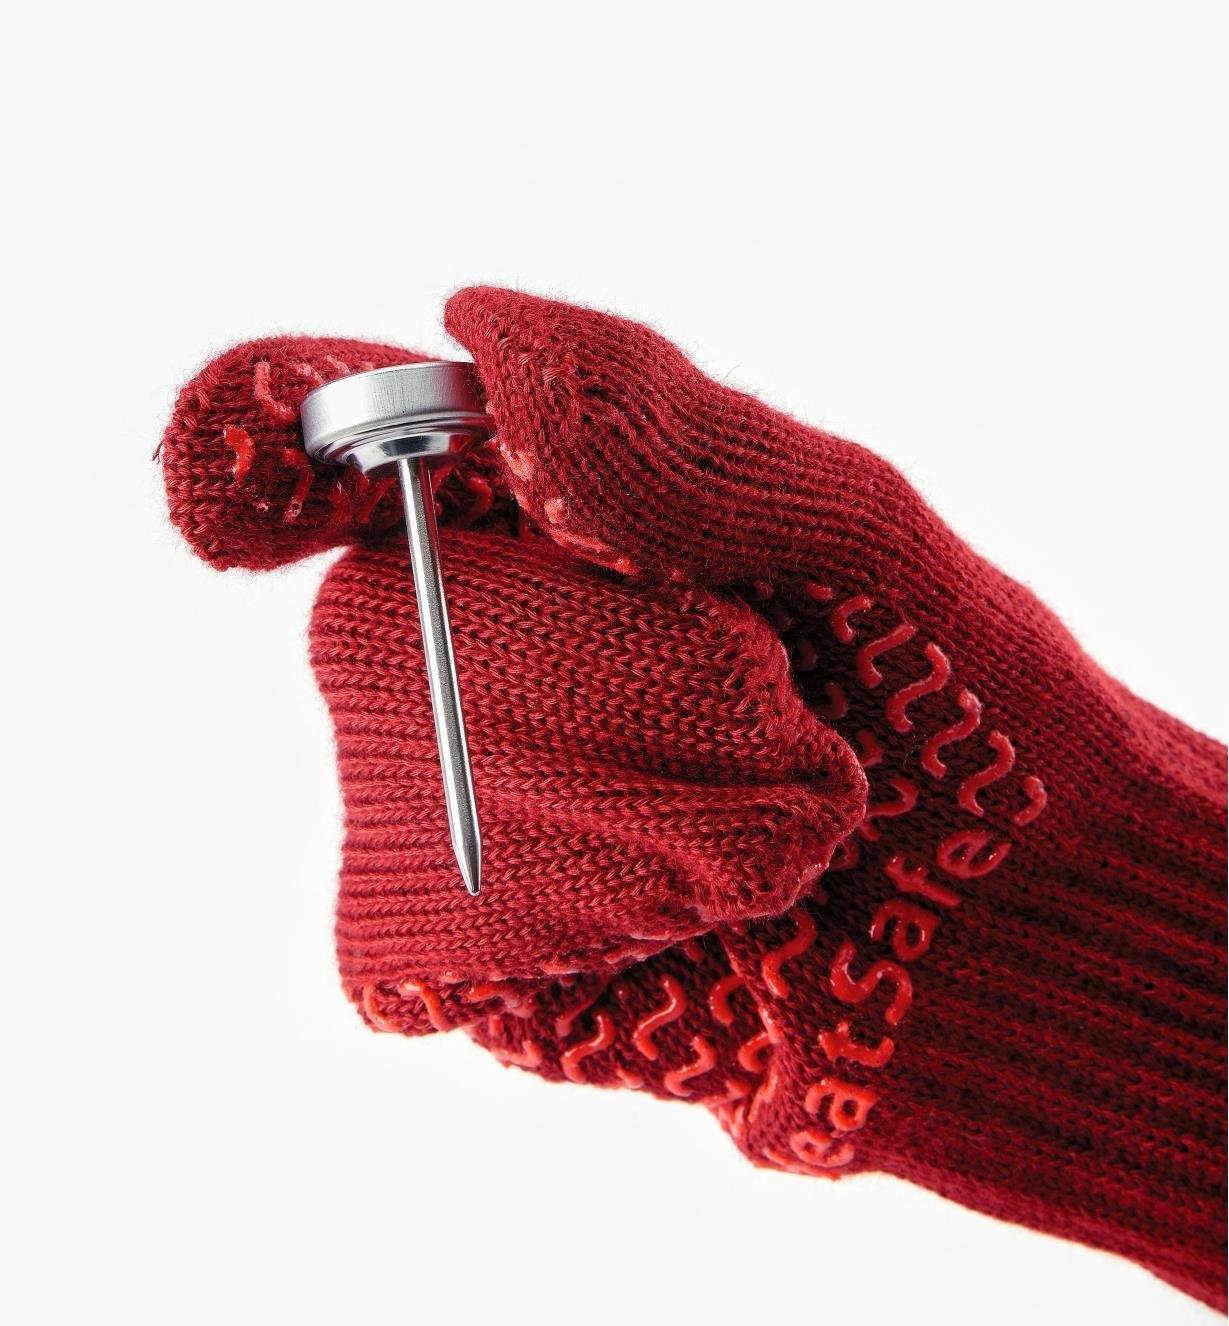 Personne portant des gants de cuisine pour tenir un thermomètre de cuisson